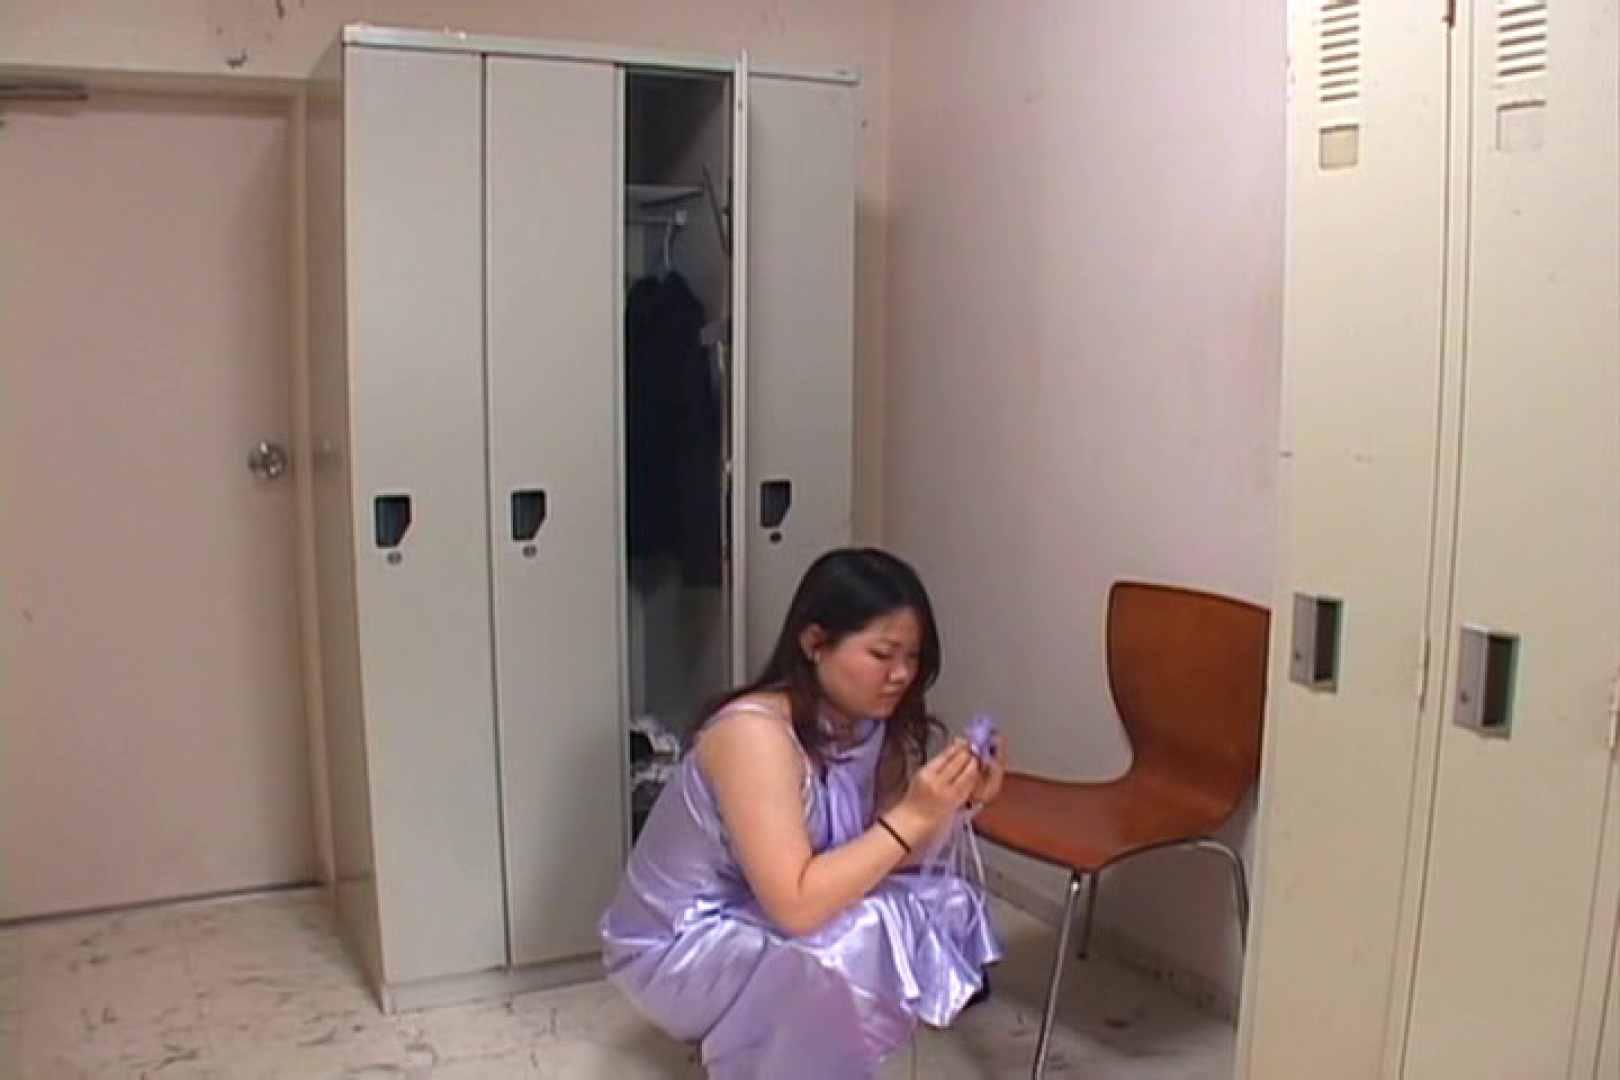 キャバ嬢舞台裏Vol.5 お姉さんのヌード アダルト動画キャプチャ 86画像 58